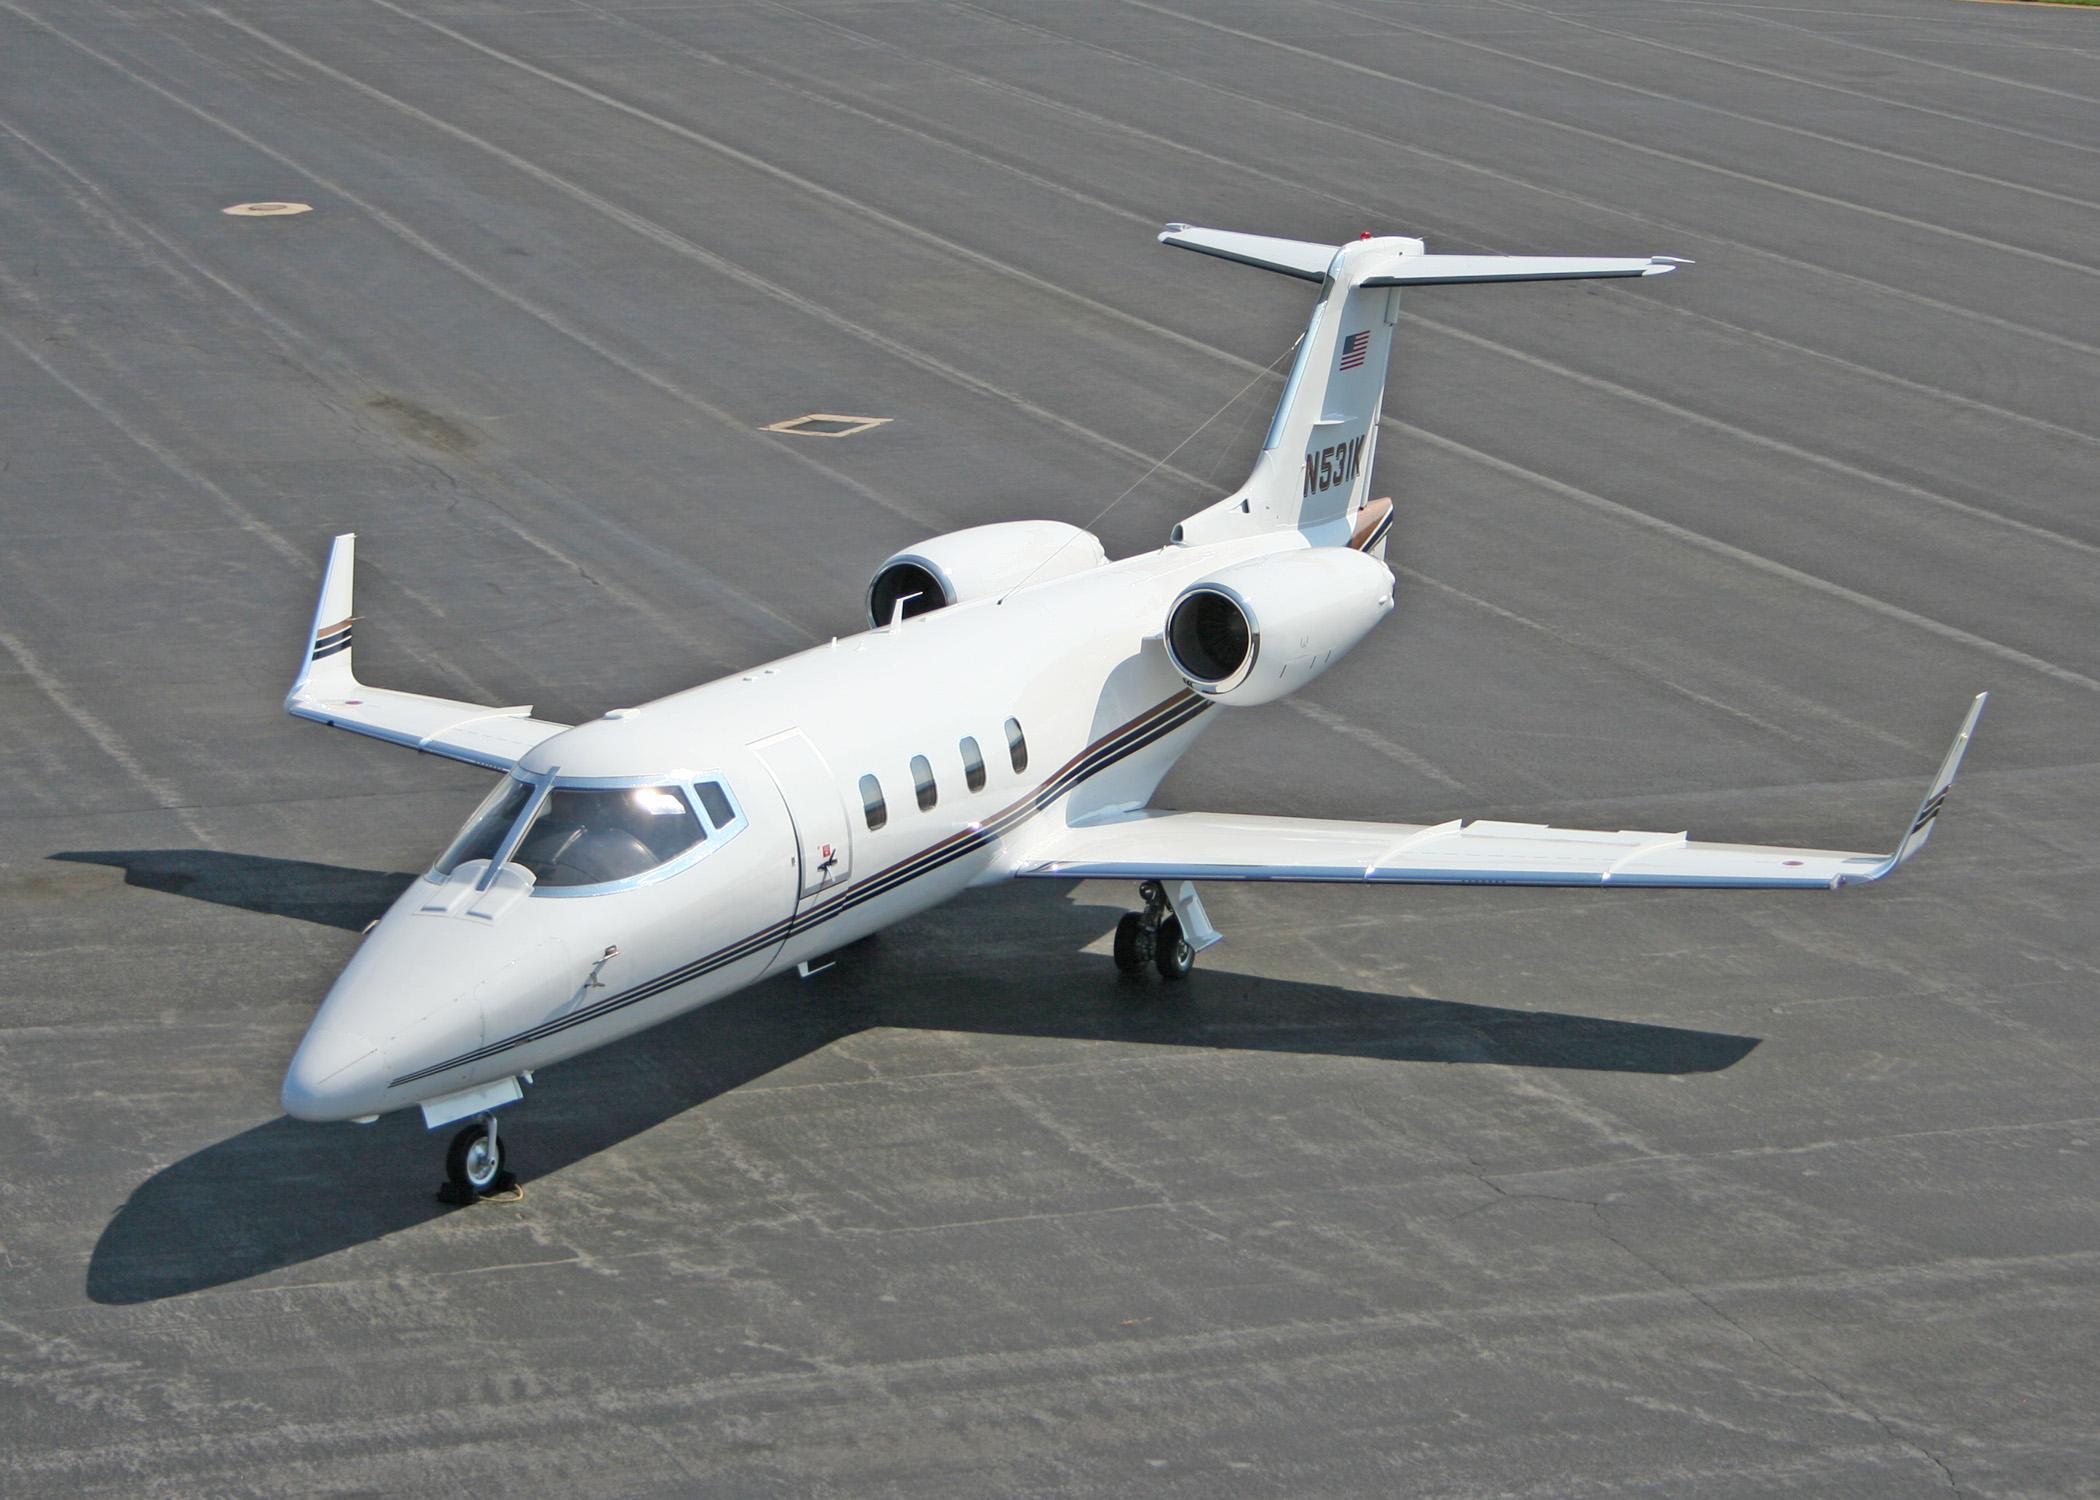 Charter plane Learjet 55, Learjet 55 private jet rental